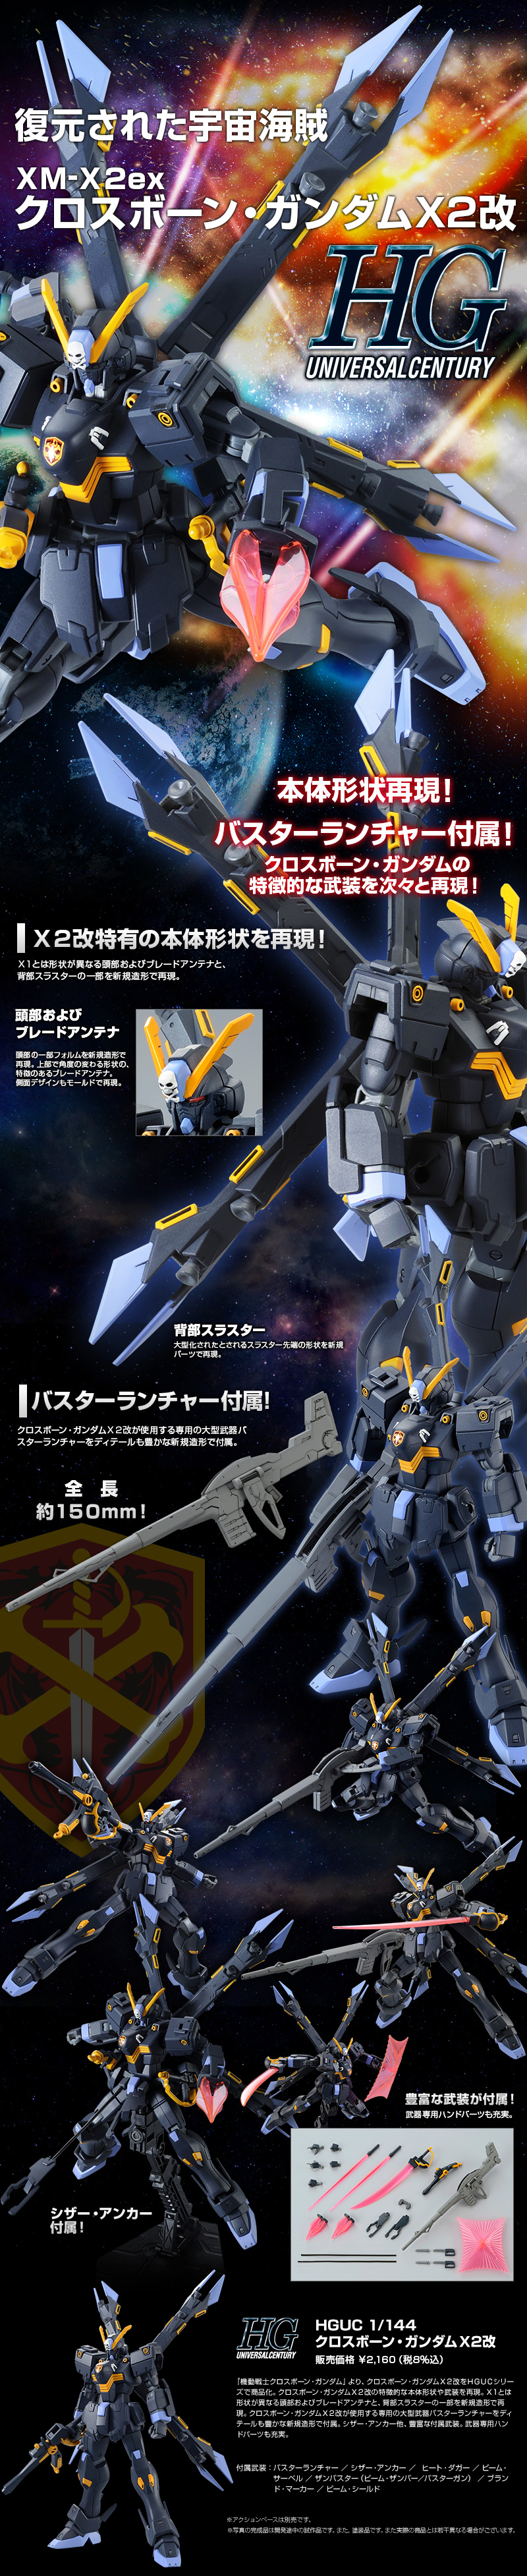 HGUC 1/144 XM-X2ex クロスボーン・ガンダムX2改 公式商品説明(画像)